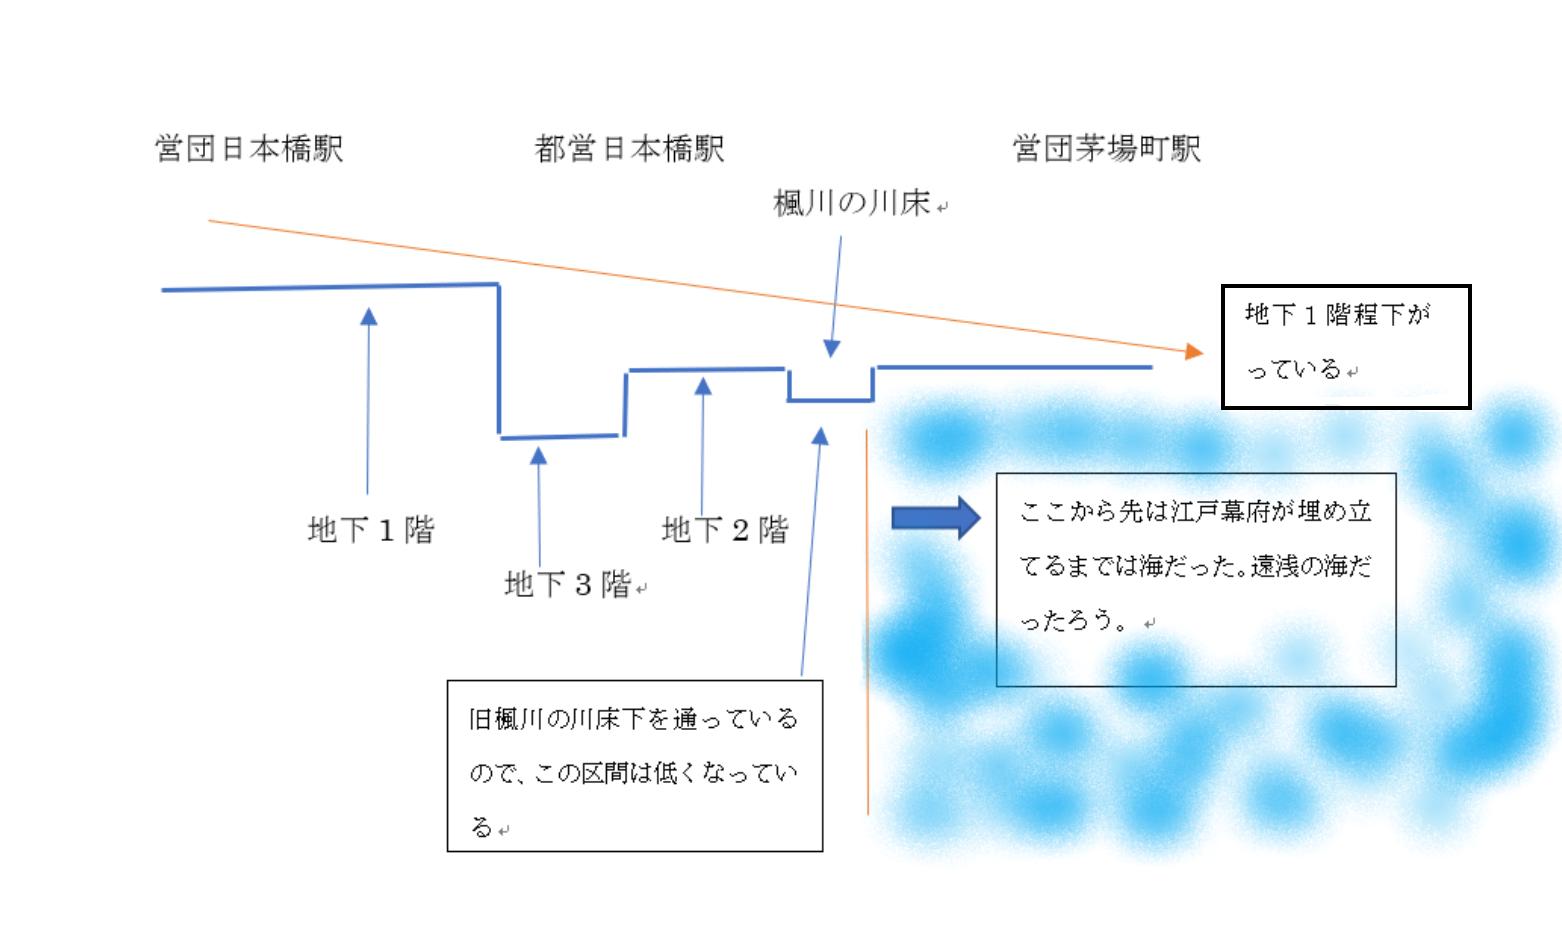 日本橋~茅場町概念図